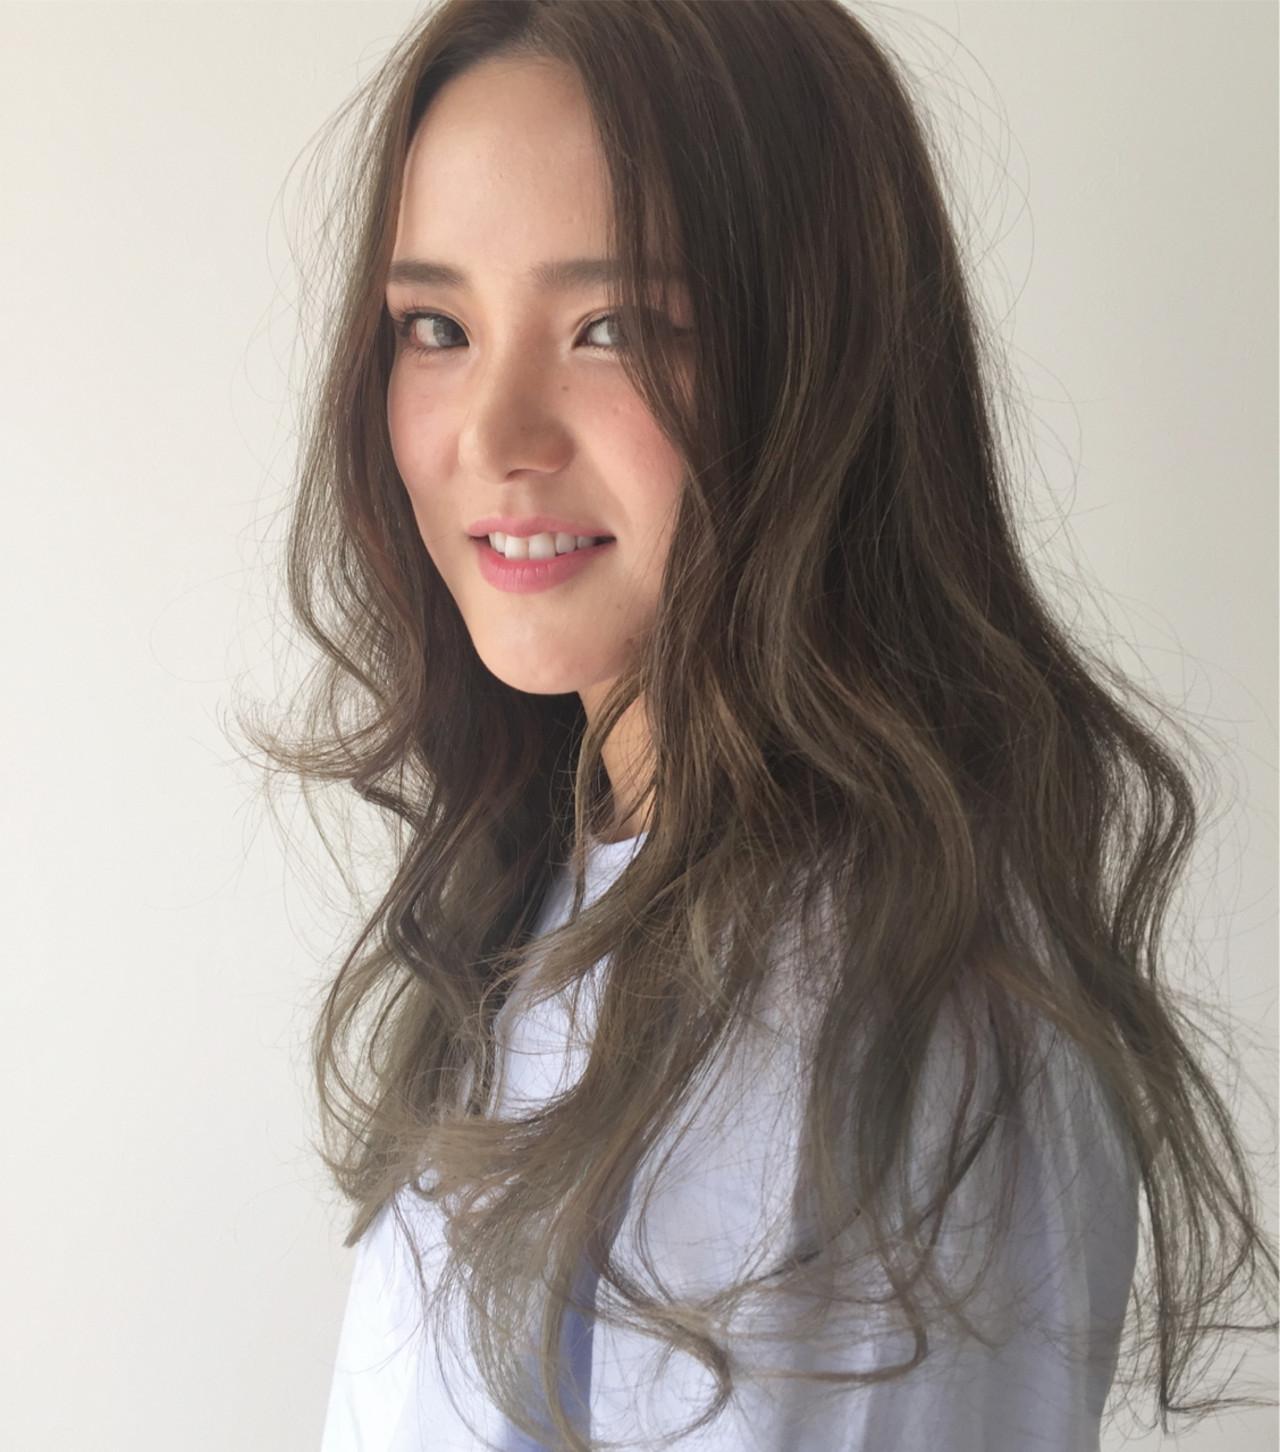 ロング カーキ 春 大人かわいい ヘアスタイルや髪型の写真・画像 | 吉田 哲也 / Hair Gallery Chainon